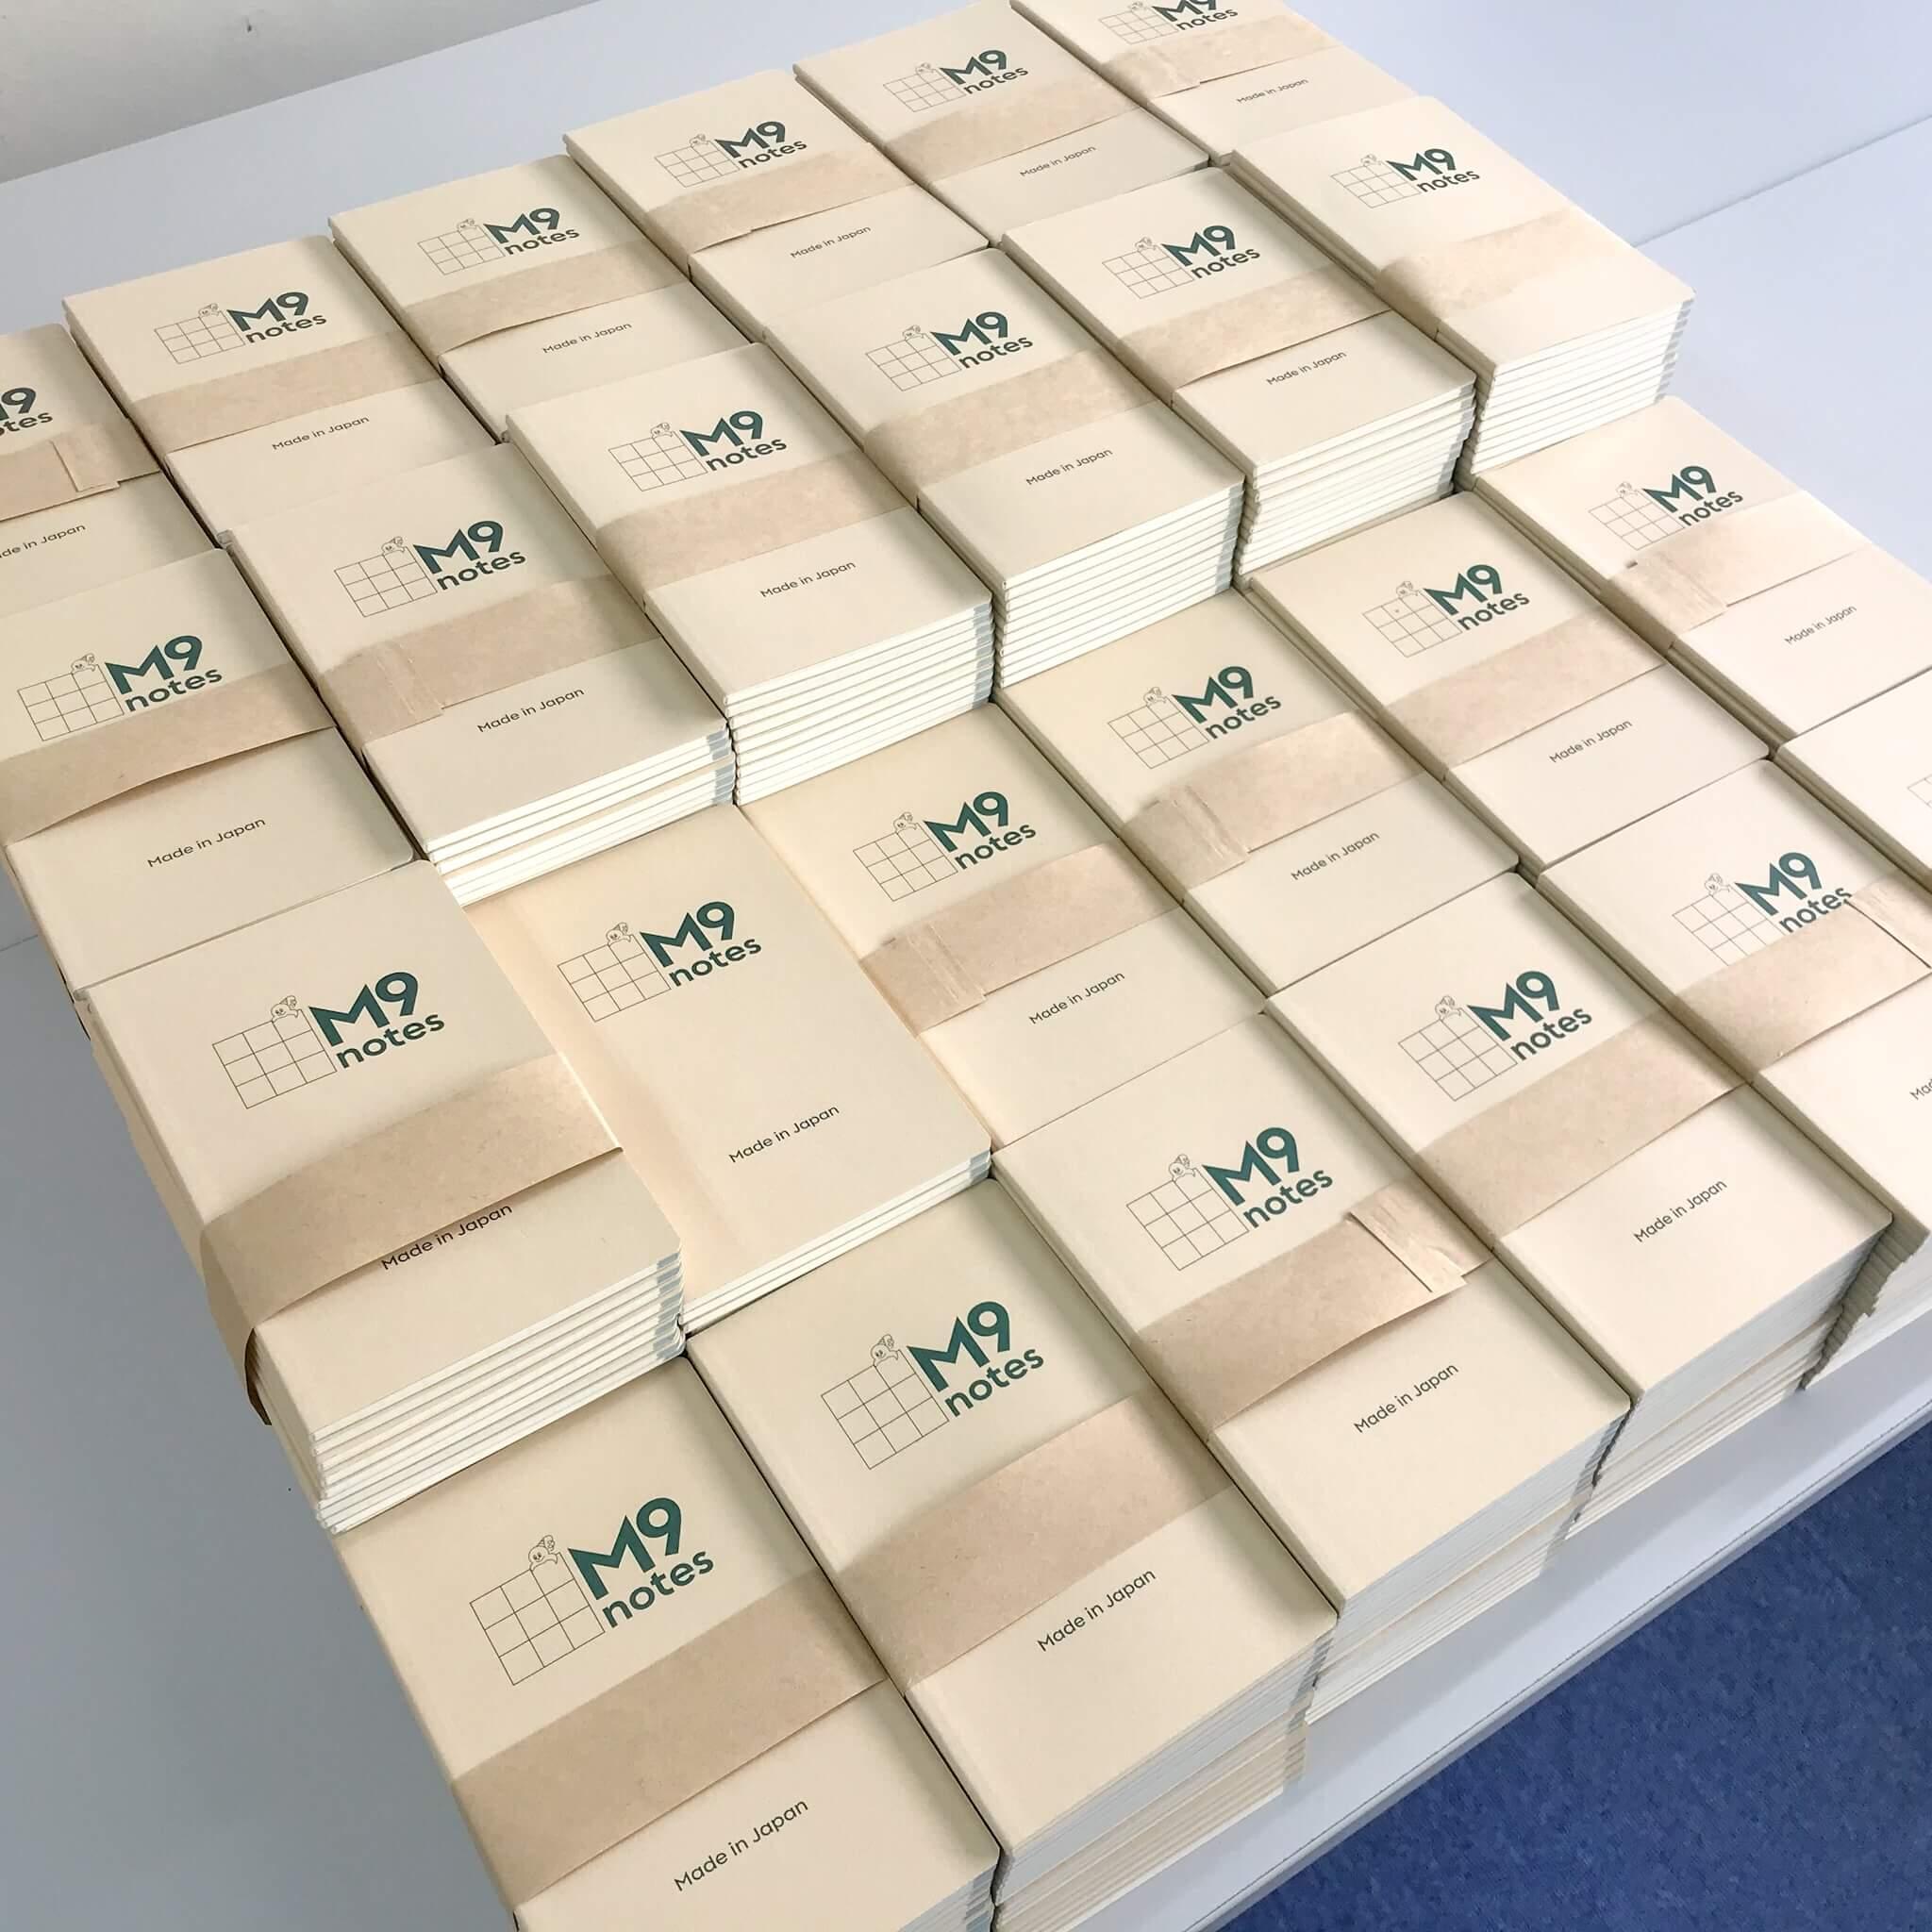 M9notes手帳1000冊サイズプレゼント中です。まだあります。